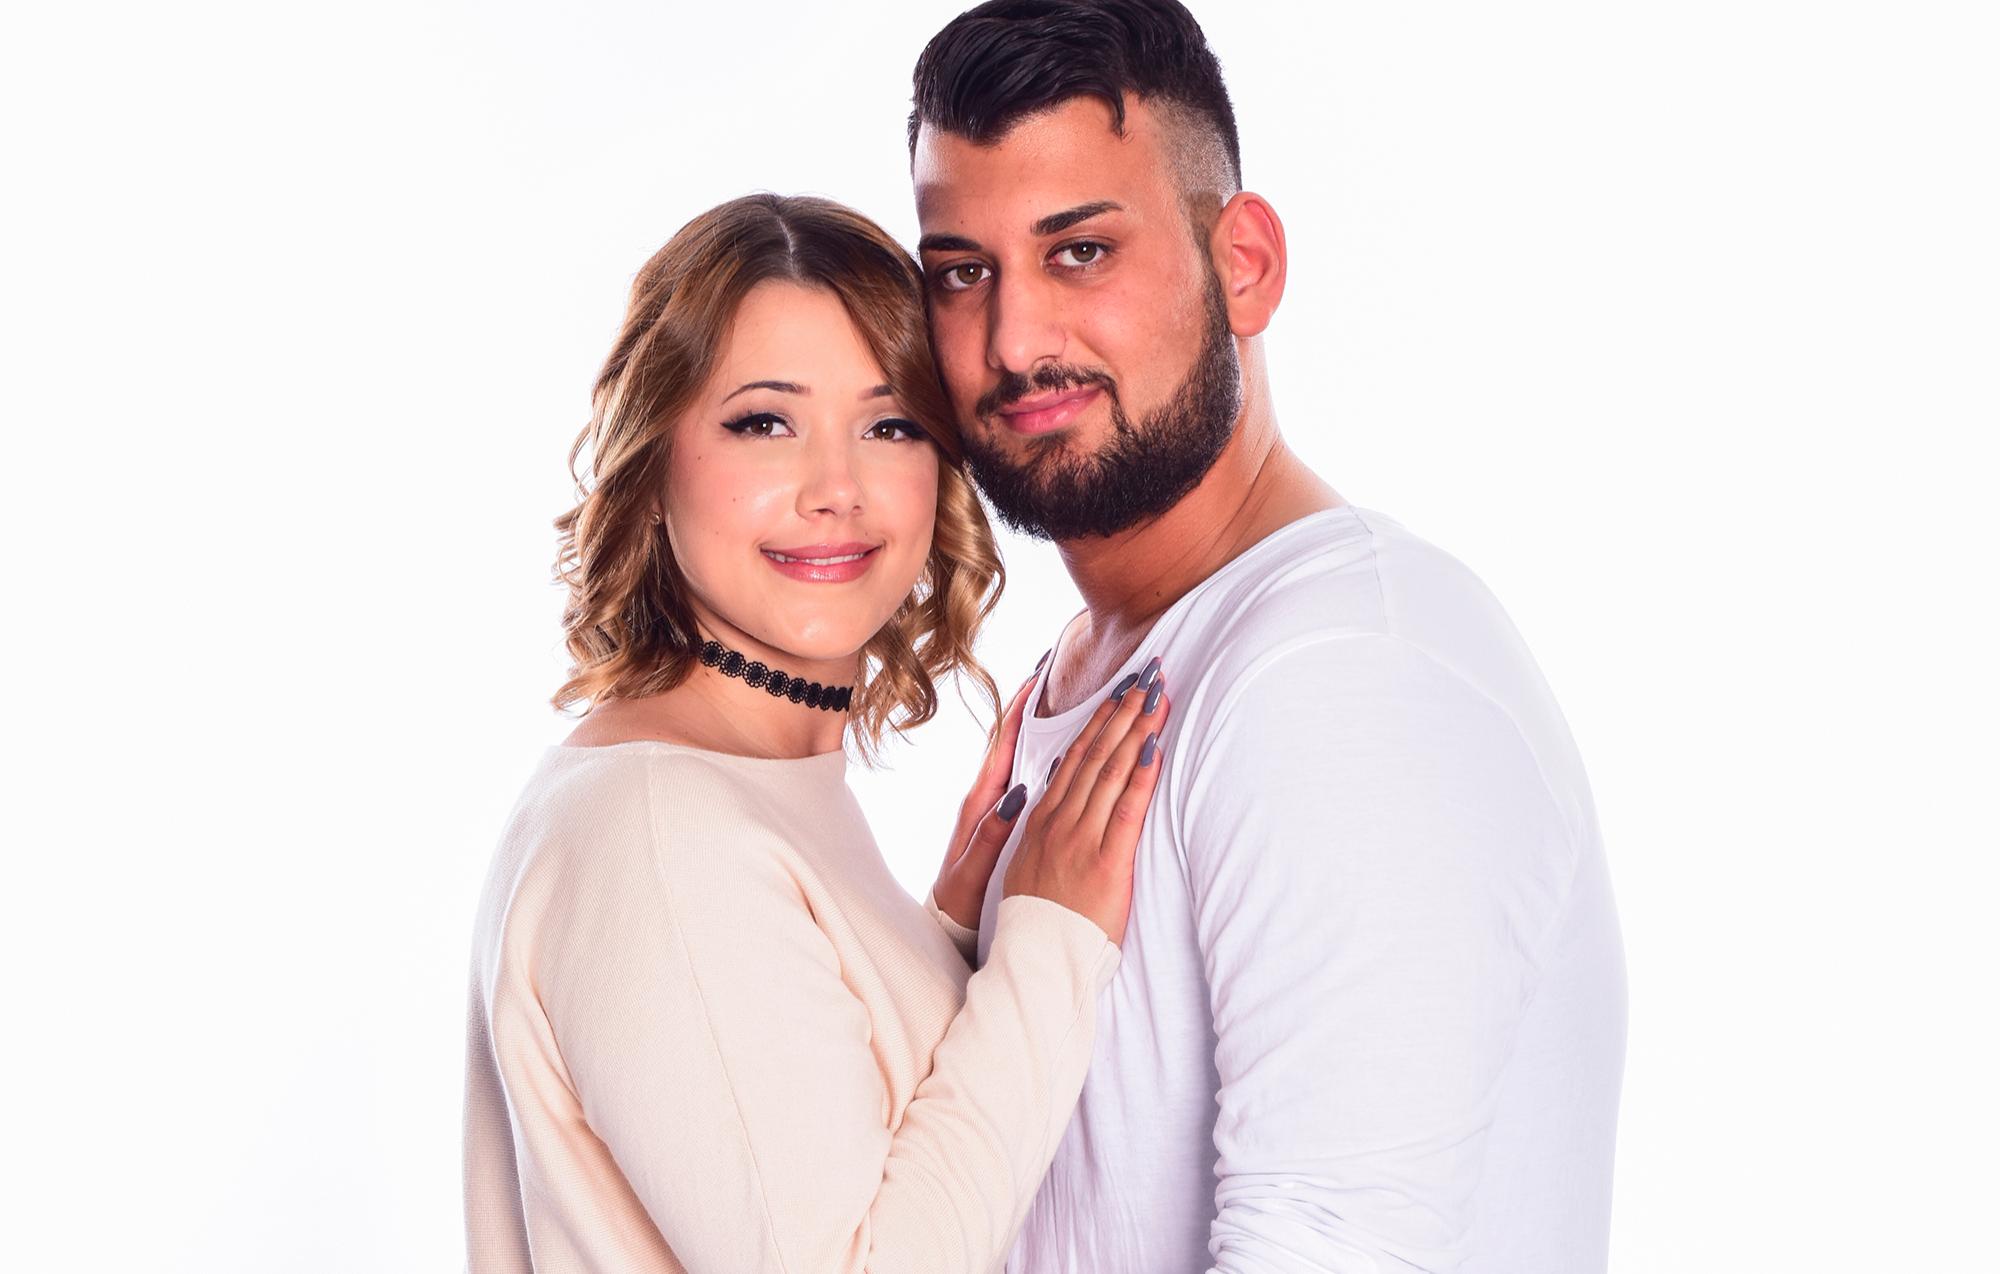 partner-fotoshooting-wiesbaden-bg4